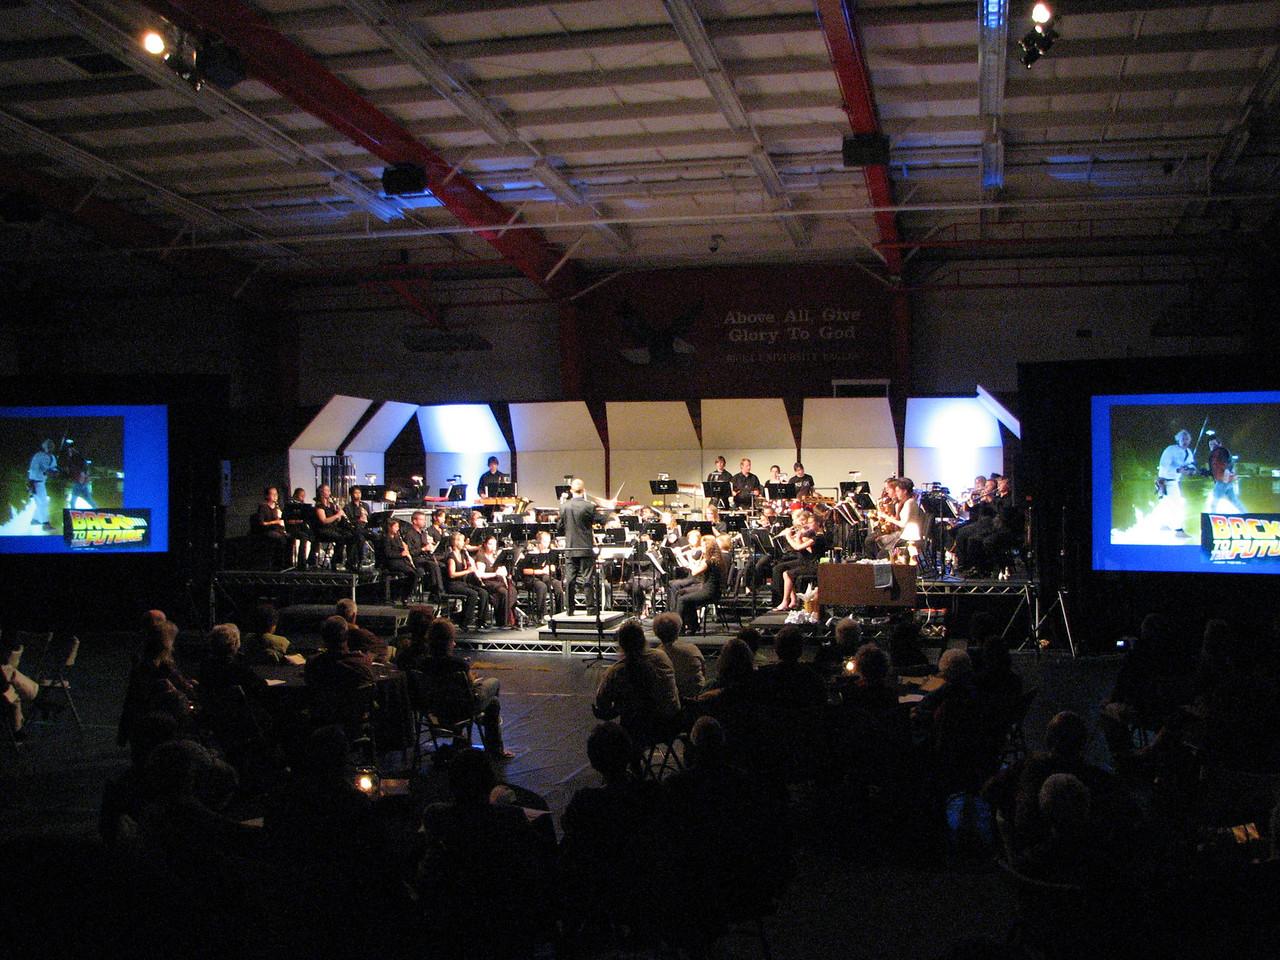 2008 05 03 Sat - Symphonic Winds POPS Concert